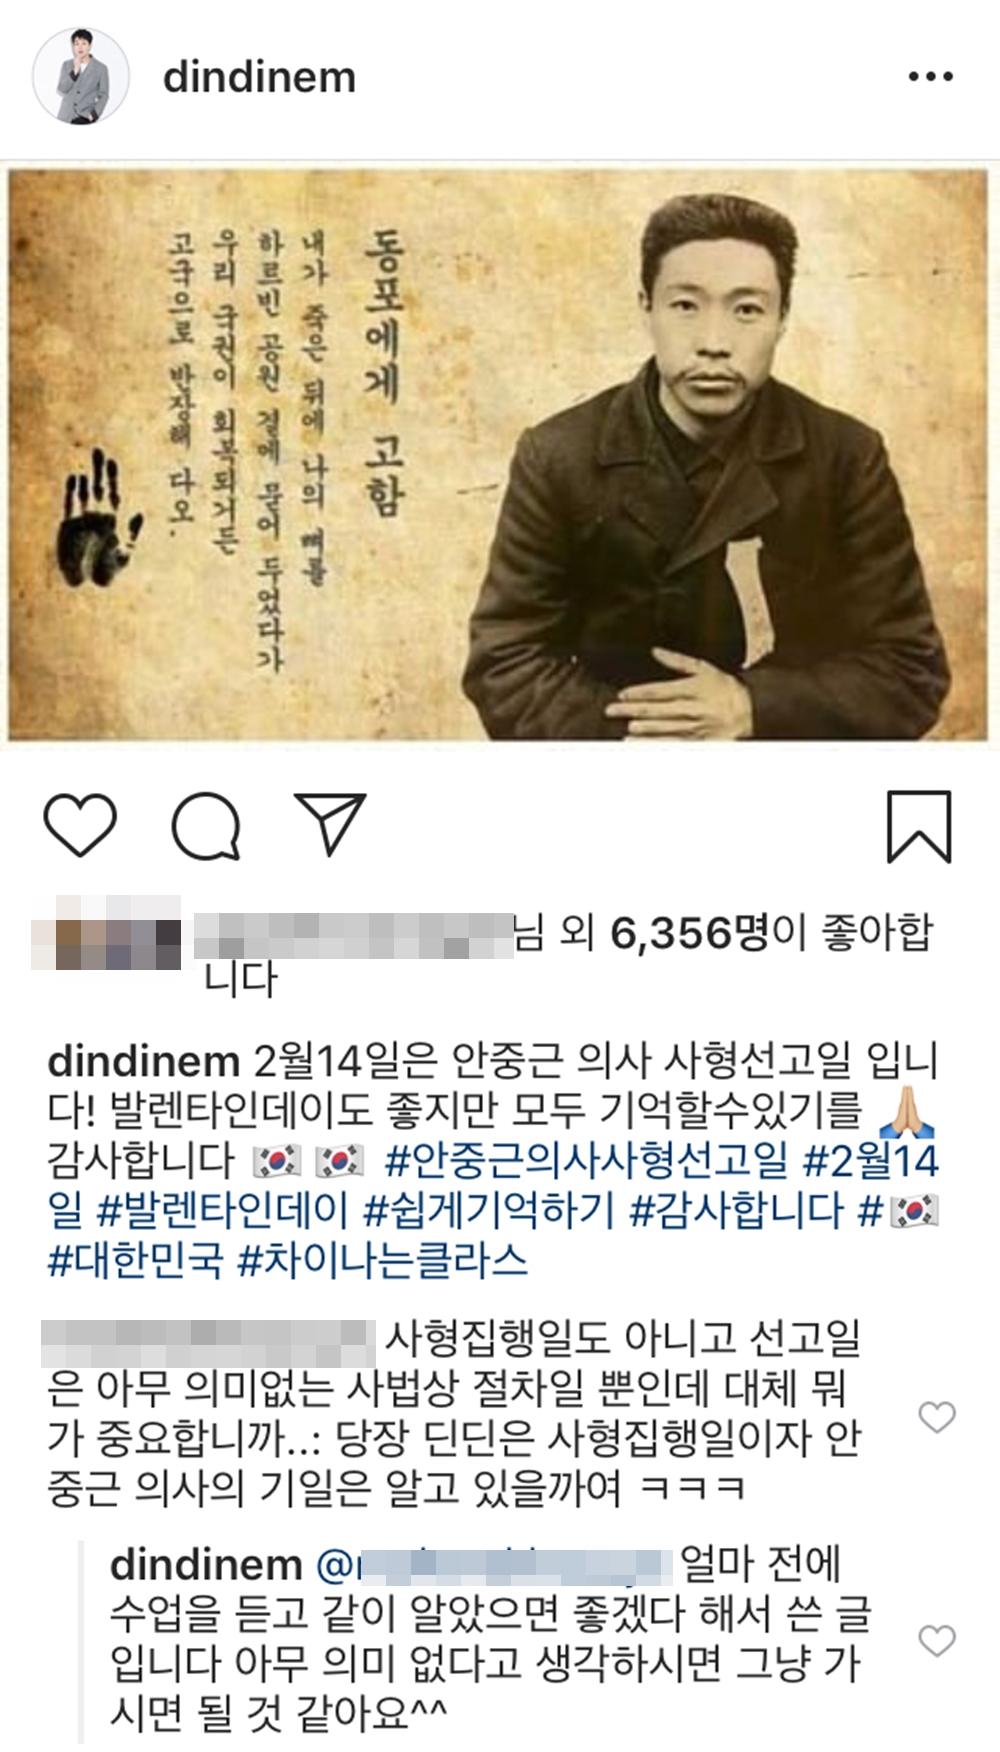 """안중근 의사 사형선고일 알린 딘딘, 무례한 네티즌 댓글에 일침 """"아무 의미 없다고 생각하시면 그냥 가라"""""""